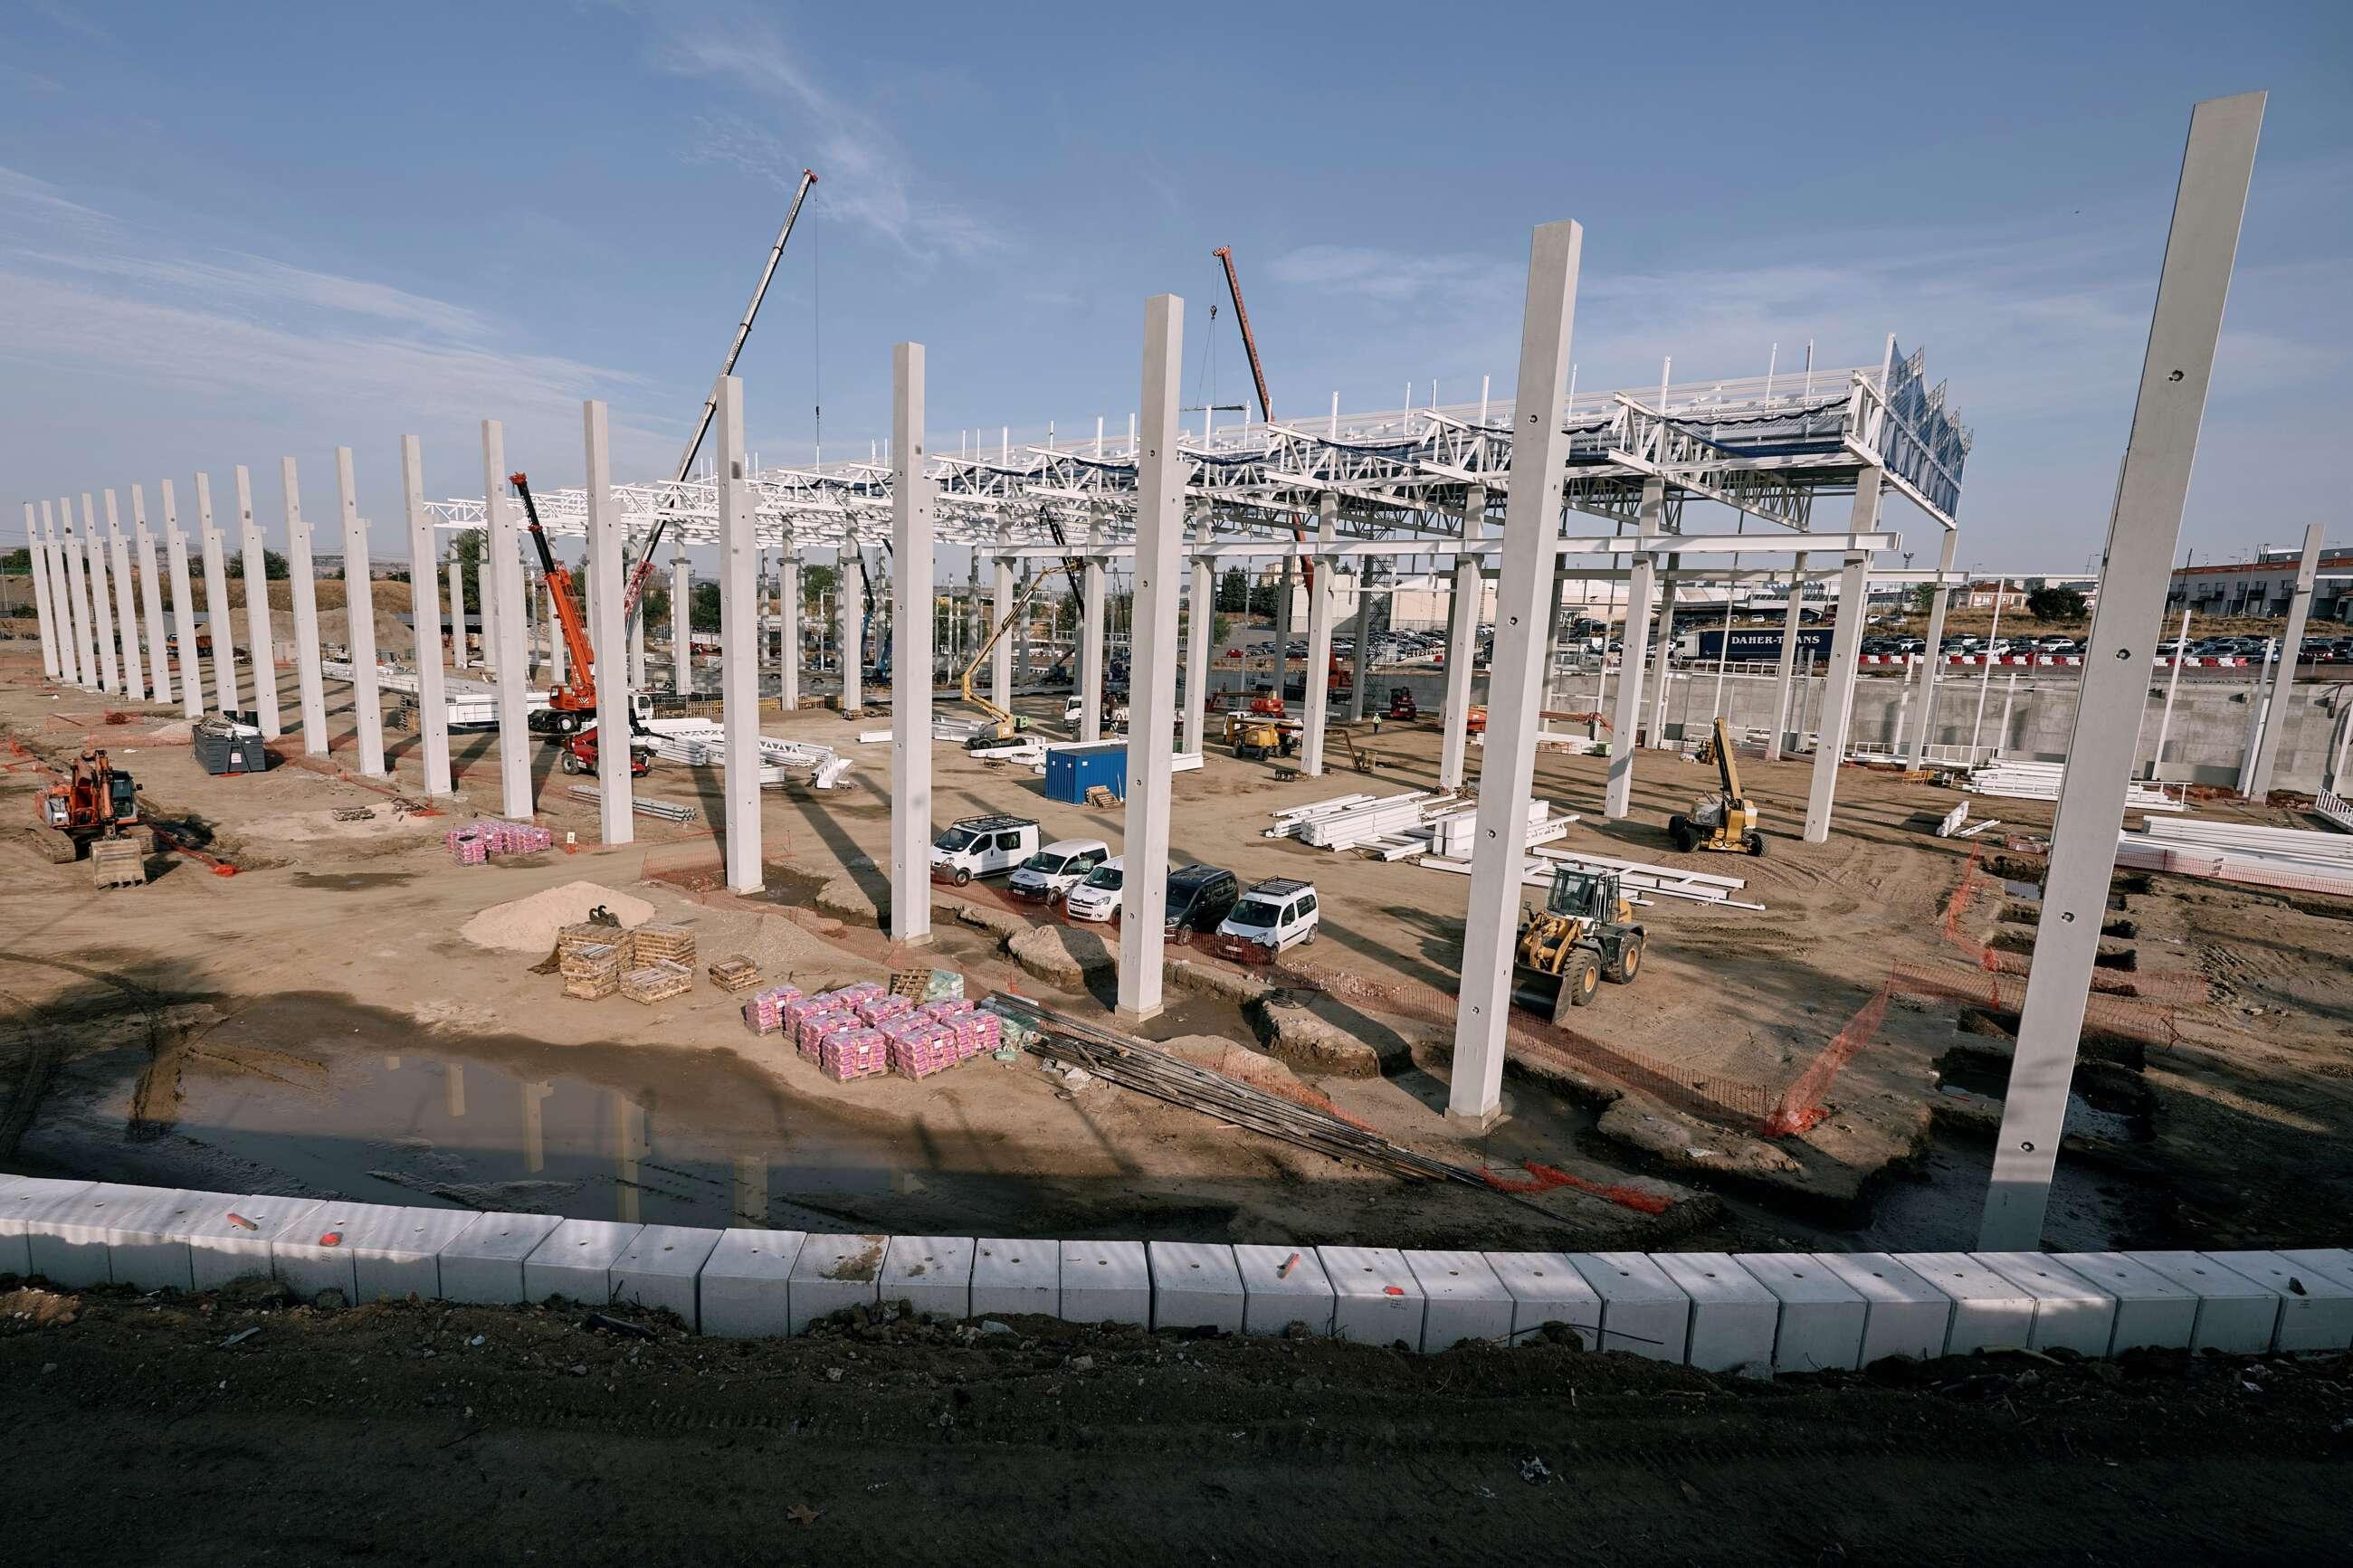 Estado actual de las obras de construcción de las nuevas instalaciones del proyecto de reconversión de la planta de Nissan en Ávila, en el único centro para la fabricación y distribución de piezas de recambio para la Alianza Renault-Nissan-Mitsubishi en Europa. EFE/Raúl Sanchidrián